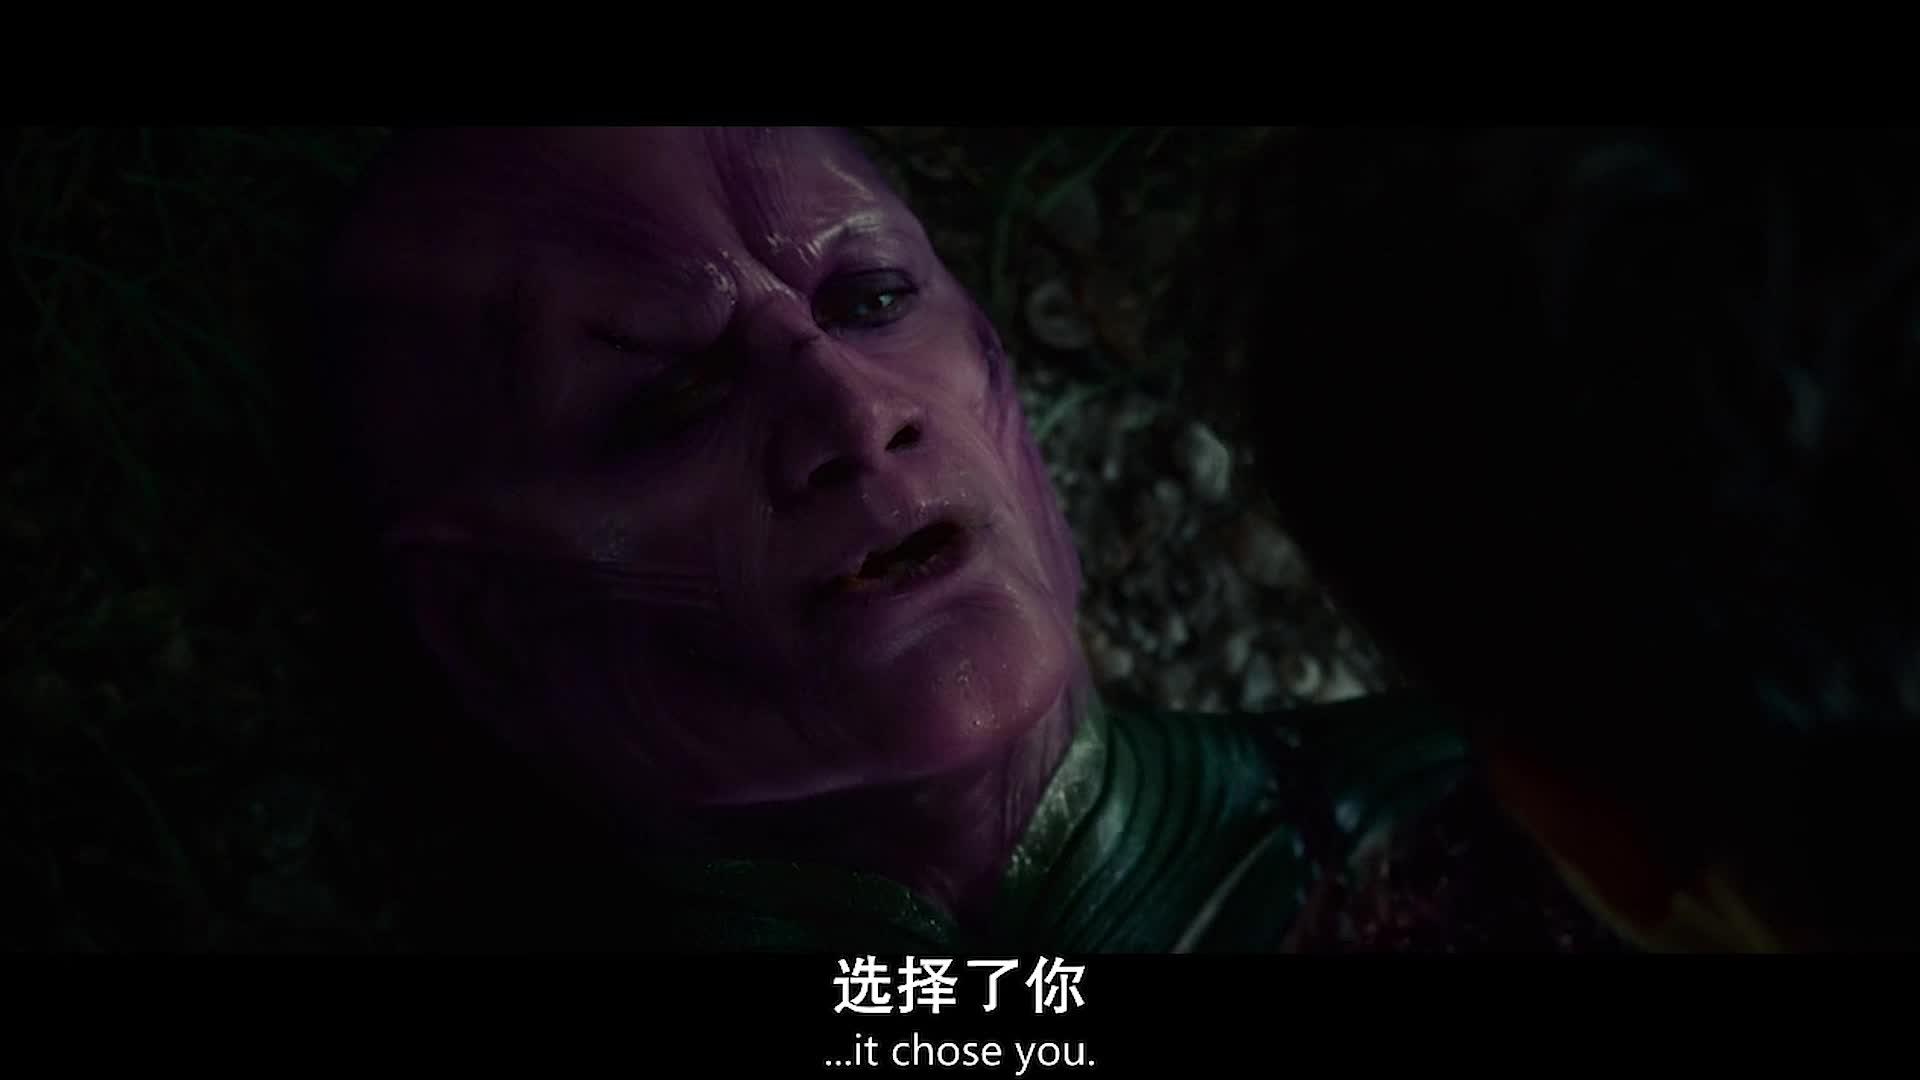 #电影迷的修养#【绿灯侠】变幻无穷 我也想要一个!__01